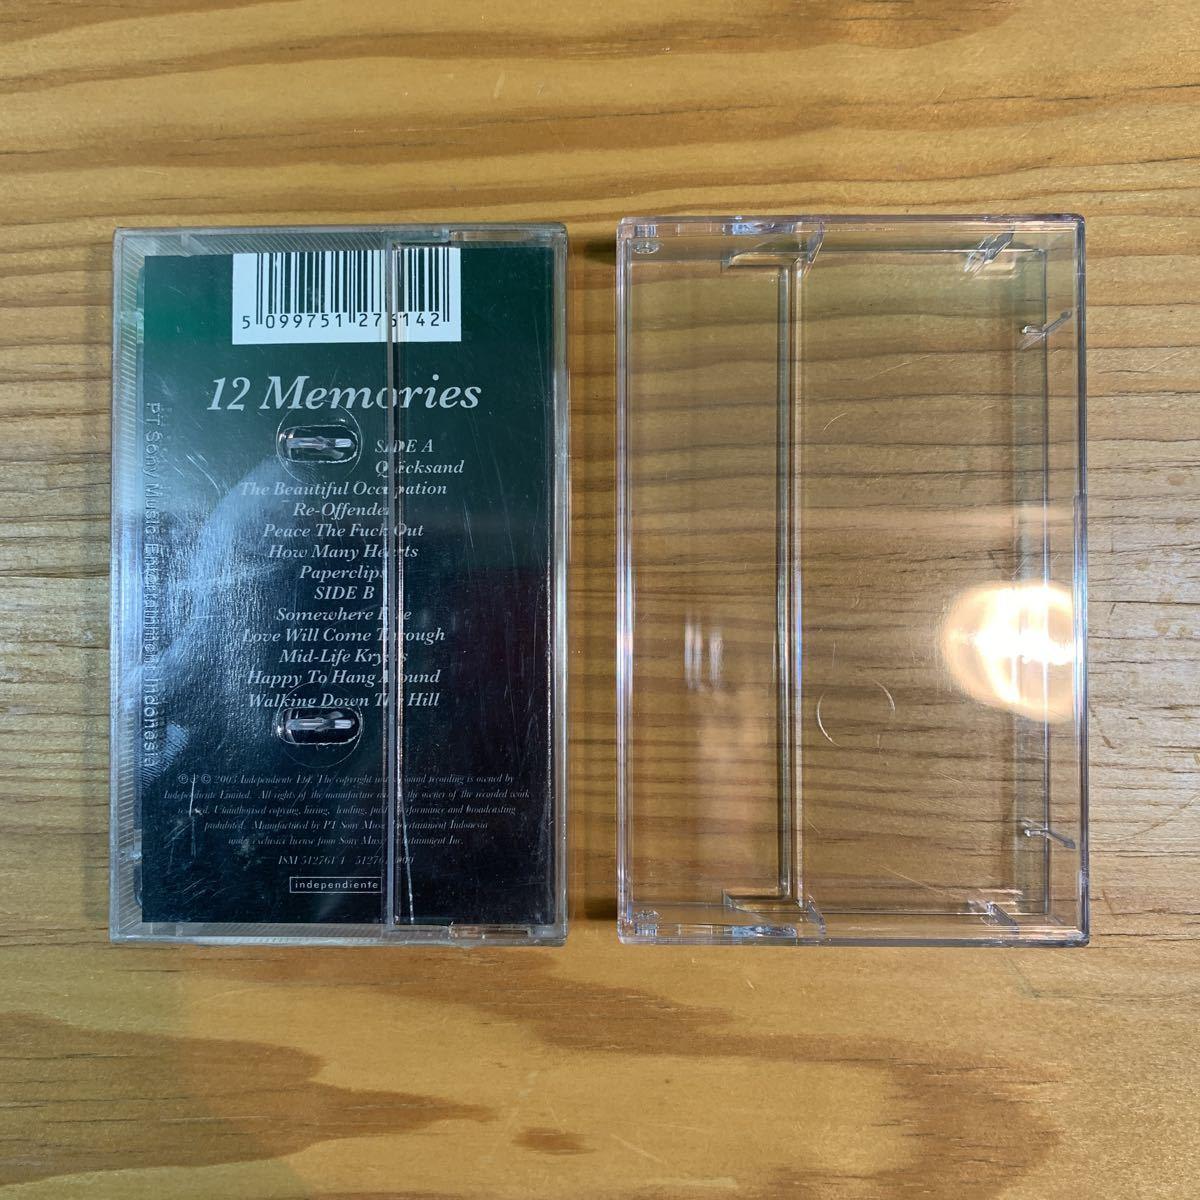 新品! Travis「12 Memories」カセットテープ 輸入盤 正規品 official トラヴィス シュリンク未開封 UK 90's レコード LP CD T-Shirt RARE!!_画像3